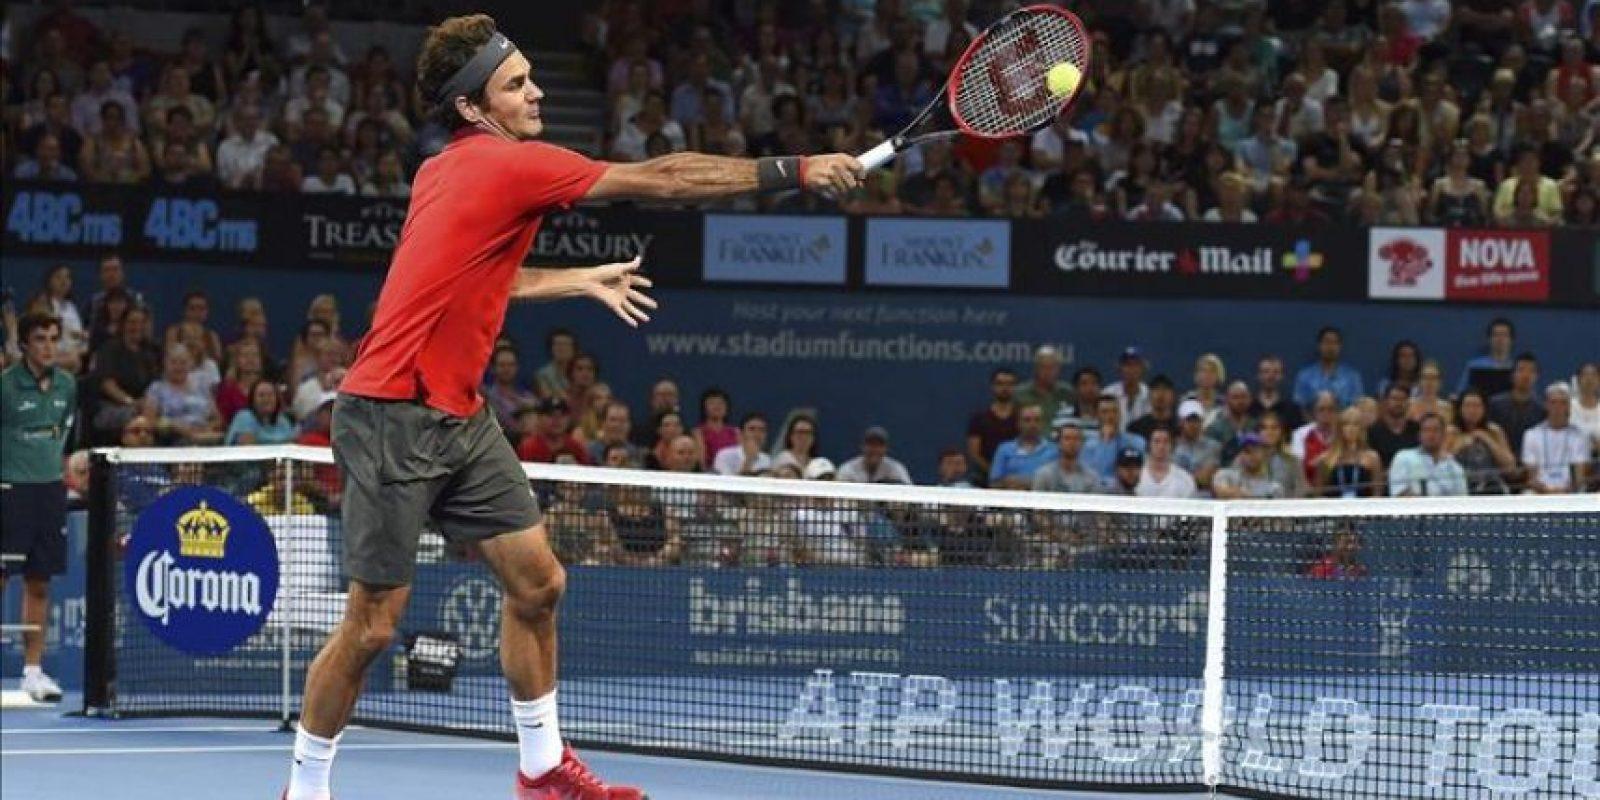 El tenista suizo, Roger Federer, golpea la bola contra el australiano James Duckworth durante su partido de cuartos de final del torneo de Brisbane de tenis, en Brisbane (Australia), hoy, 9 de enero de 2015. EFE/